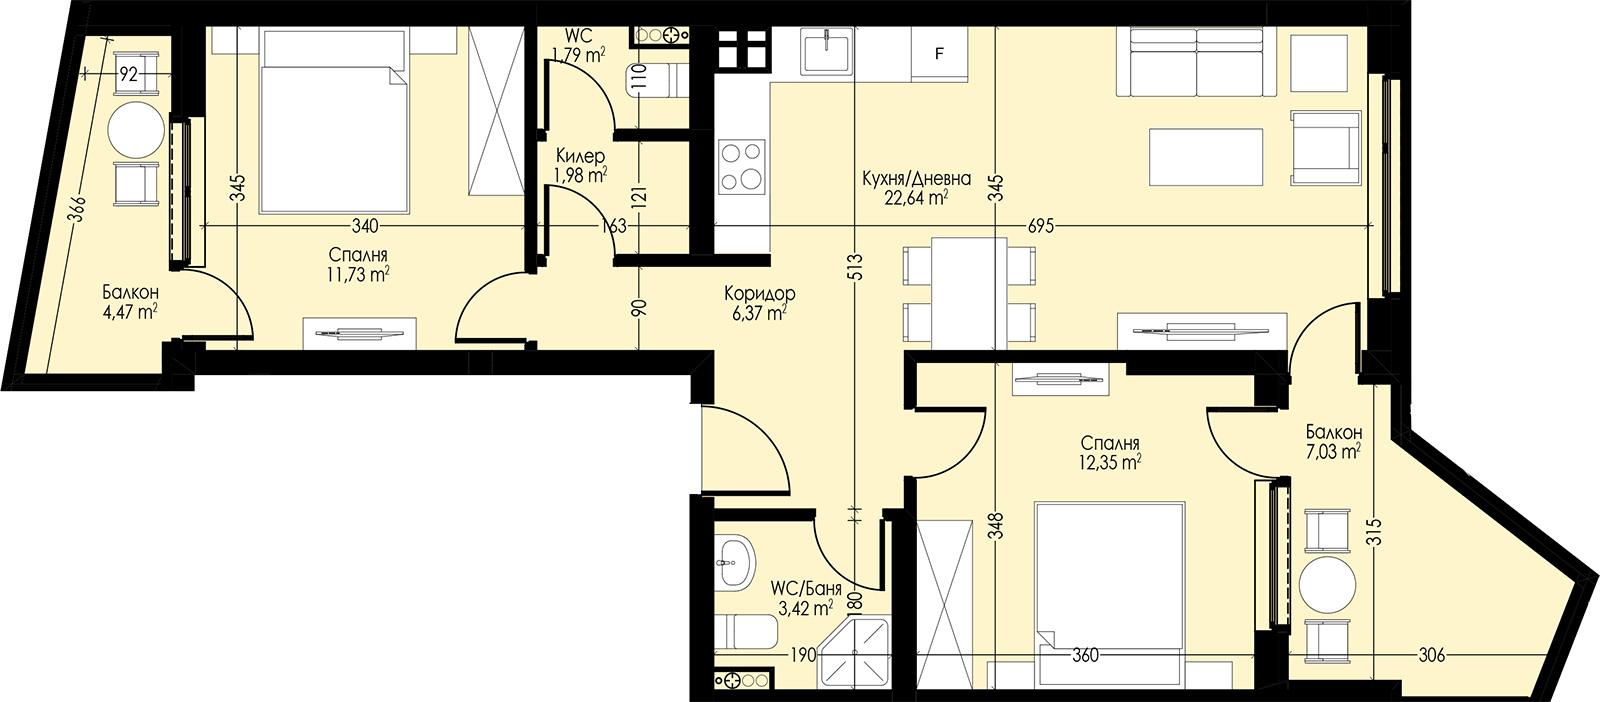 Апартамент 22